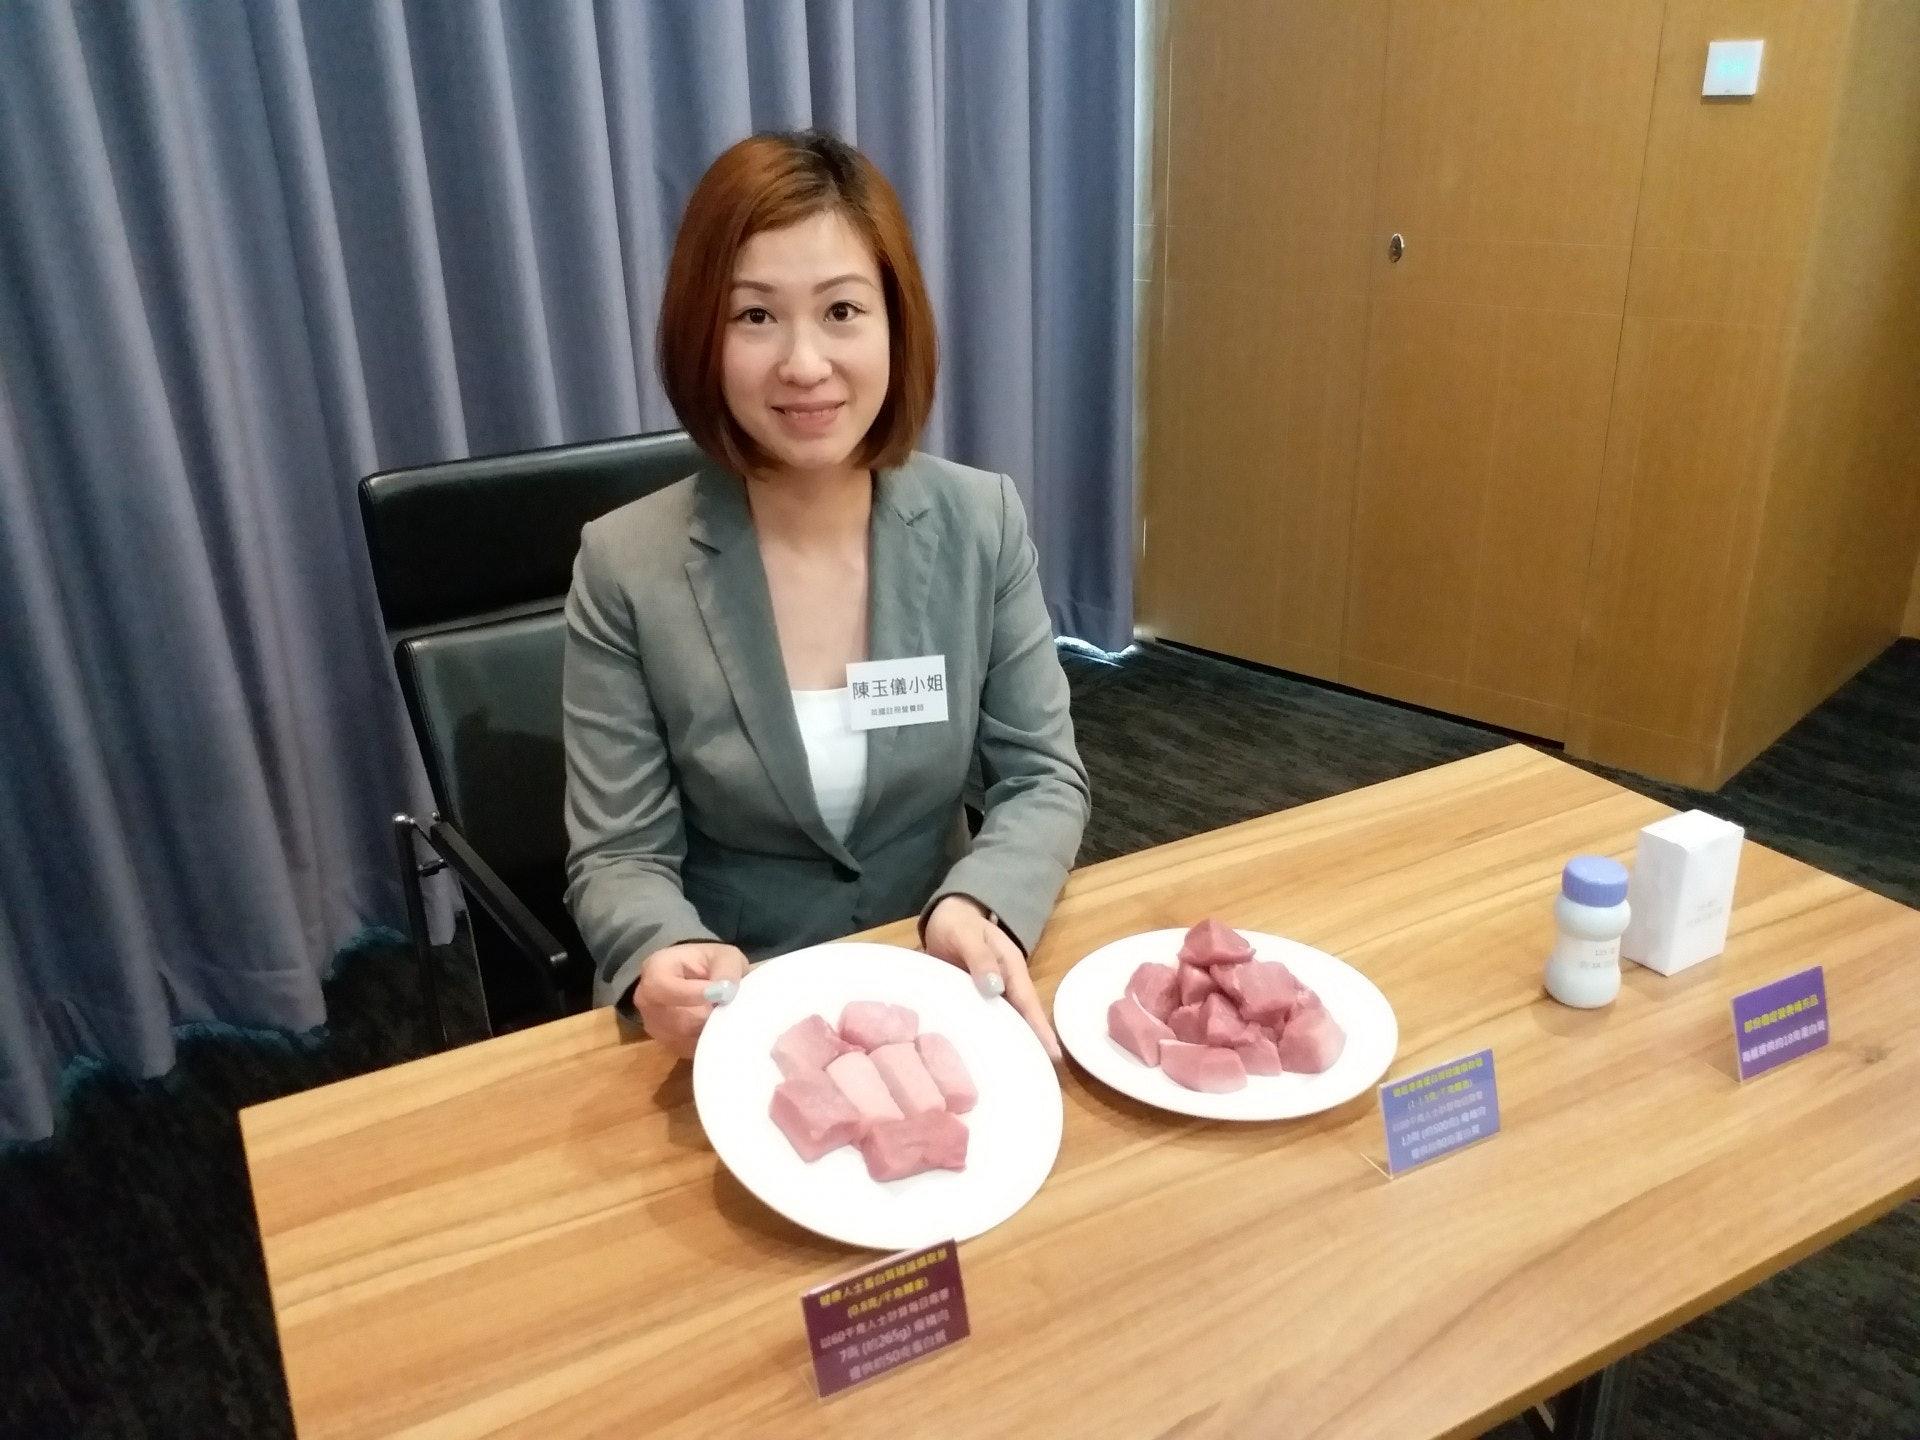 英國註冊營養師陳玉儀指,營養不良對癌症患者的治療有負面影響。(侯彩琳攝)